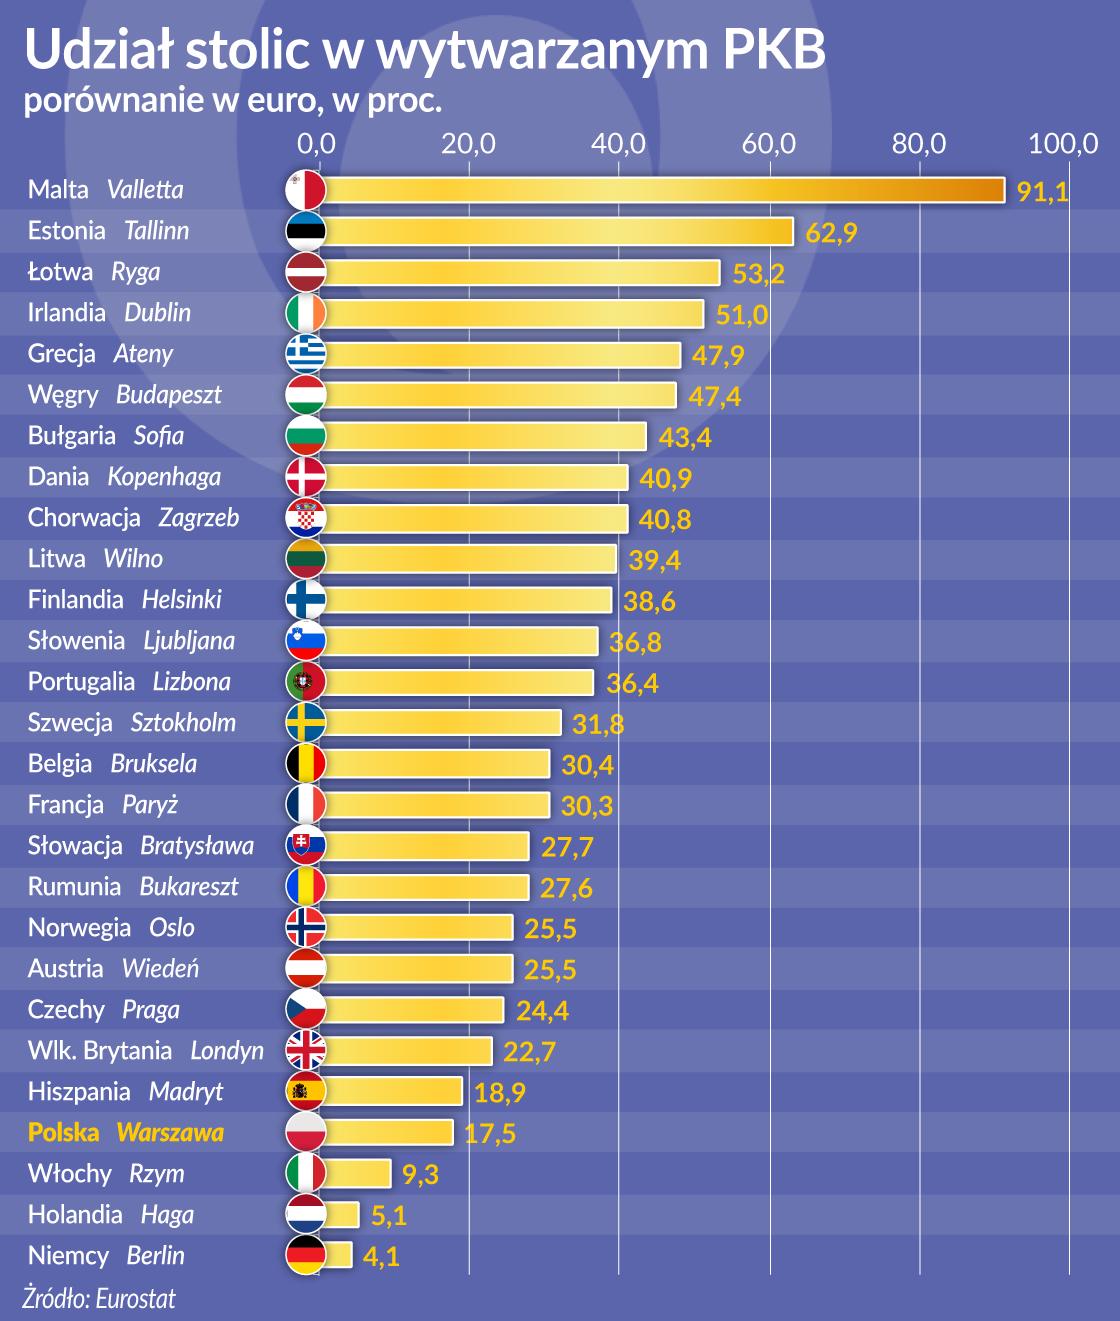 Co czwarte euro wytwarzają stolice